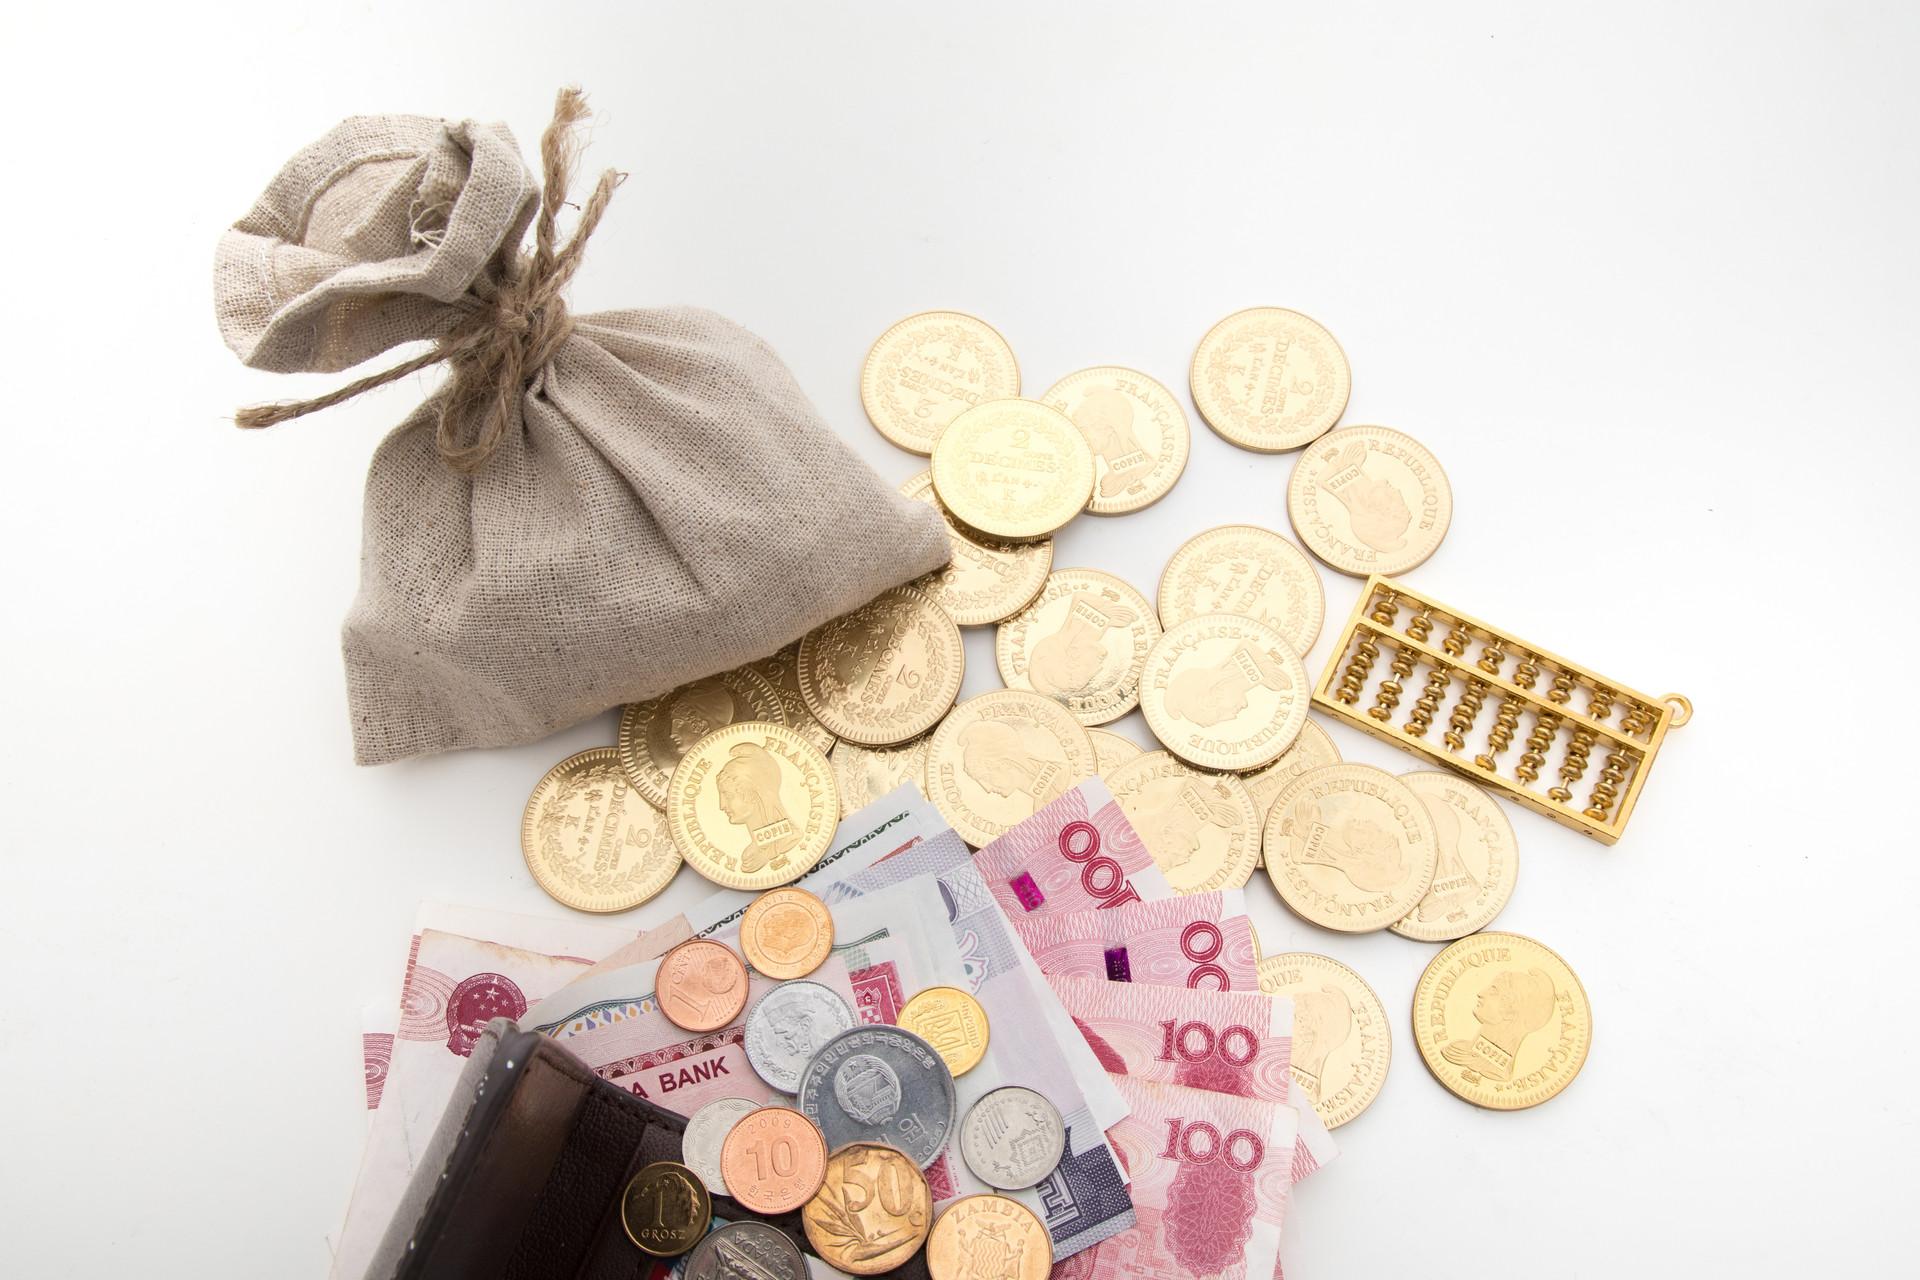 为什么企业会代发薪资,代发薪资